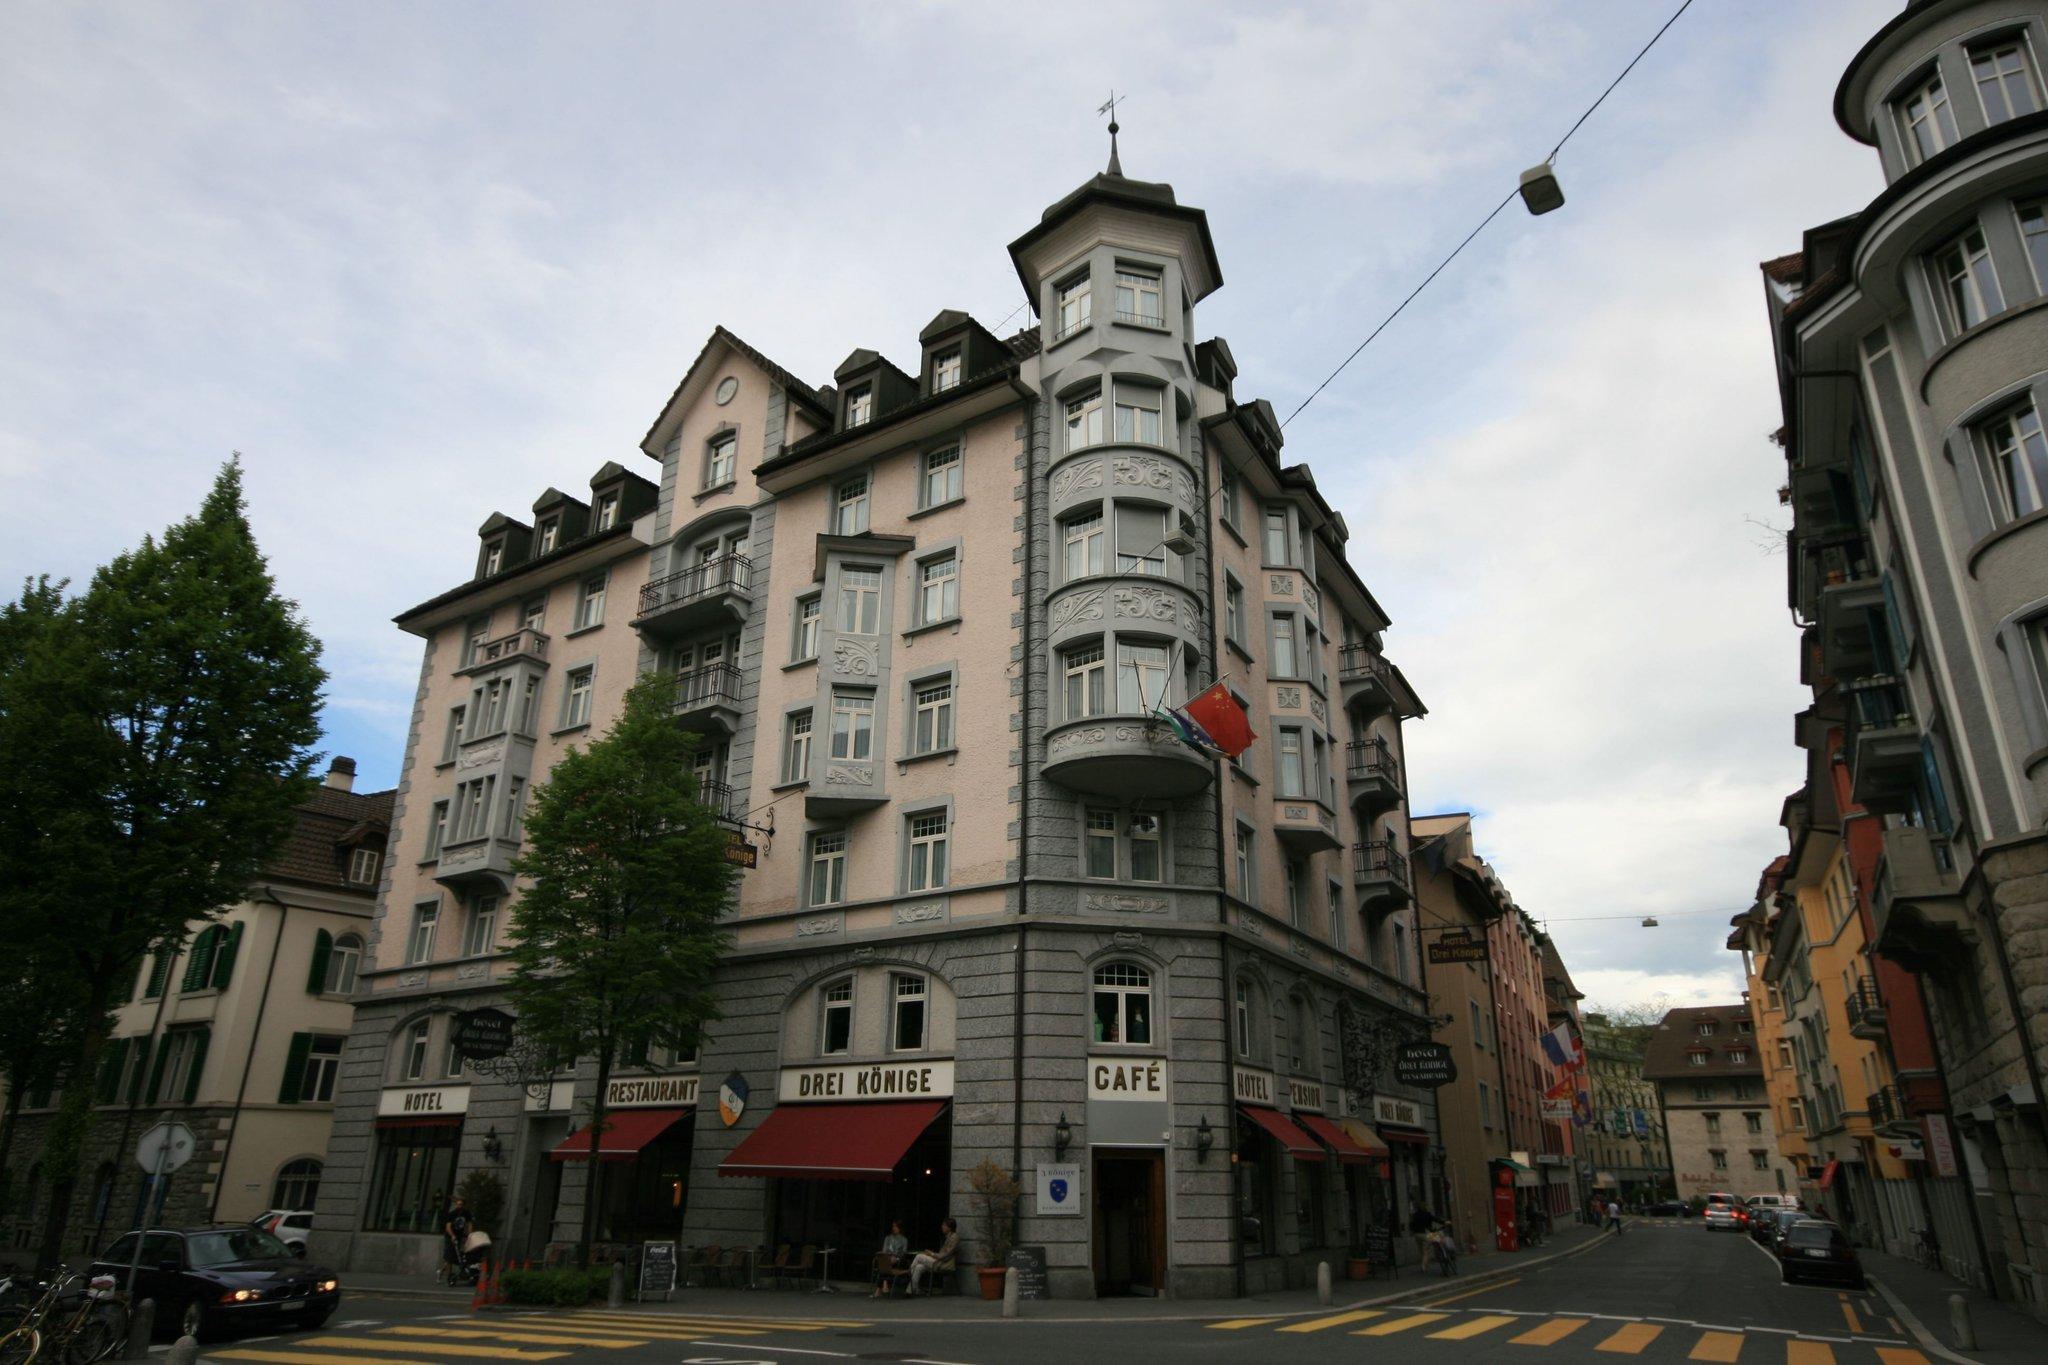 Drei Könige Hotel Luzern